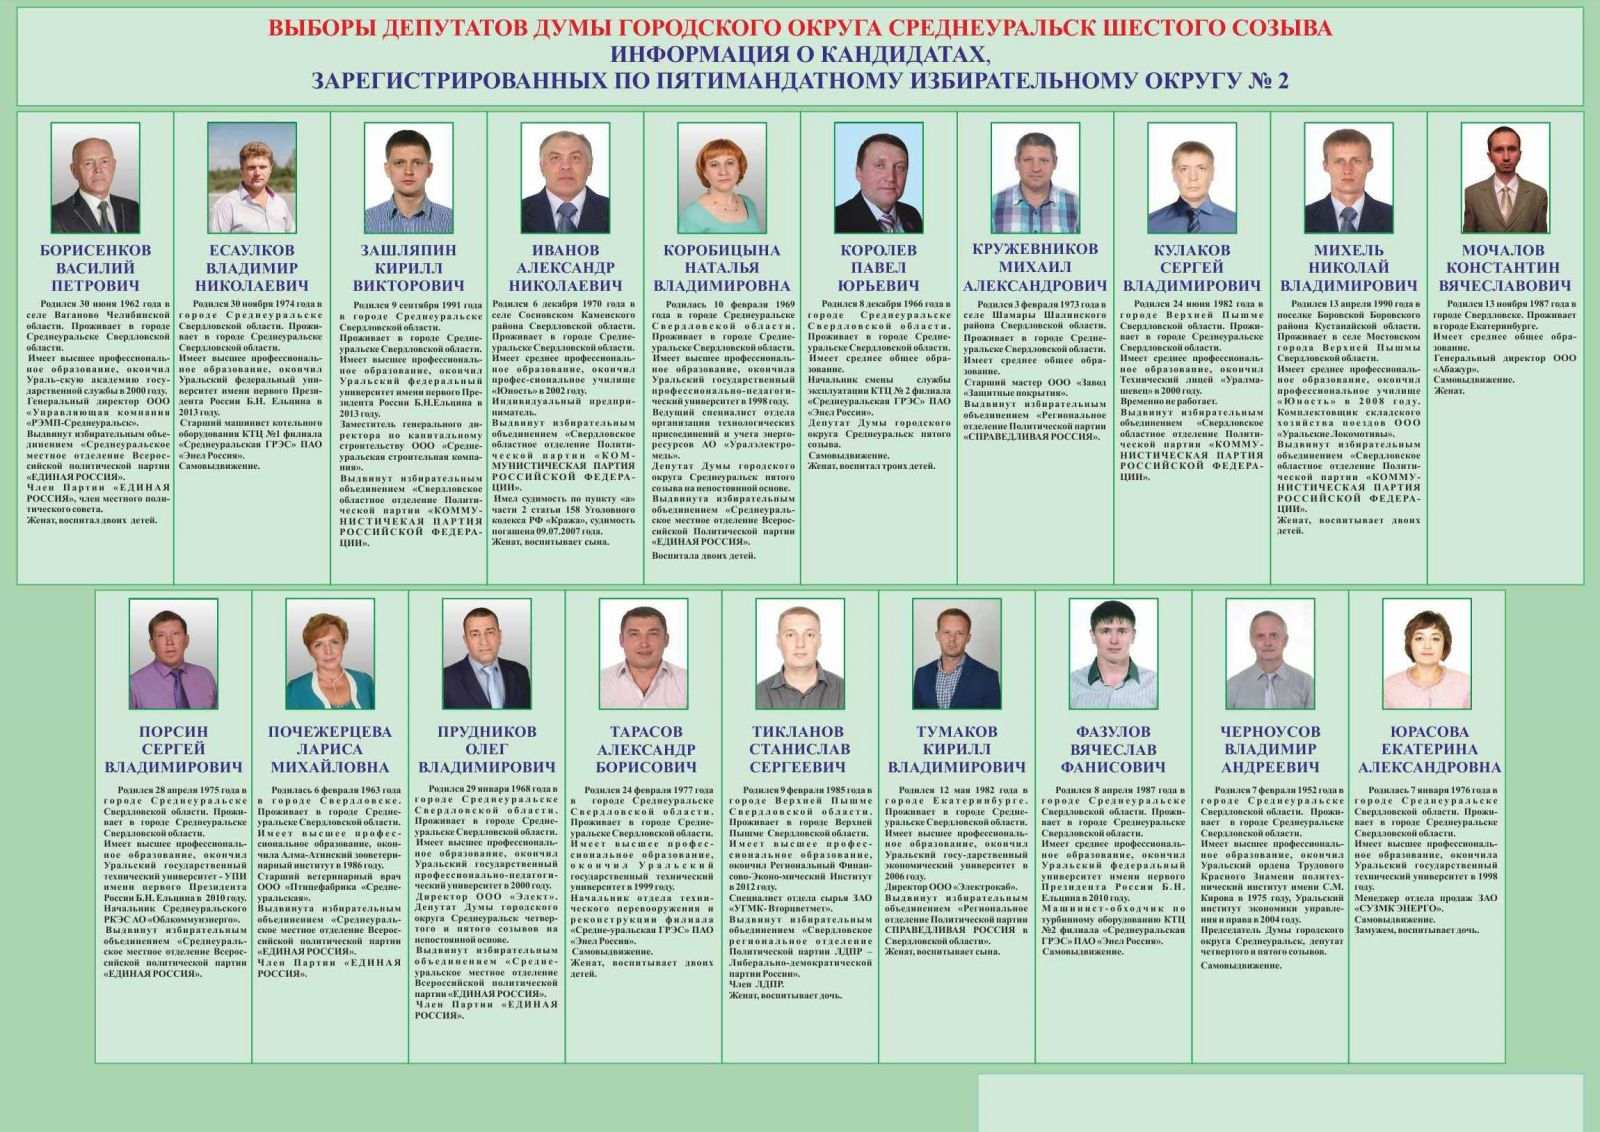 образец плаката кандидата депутата